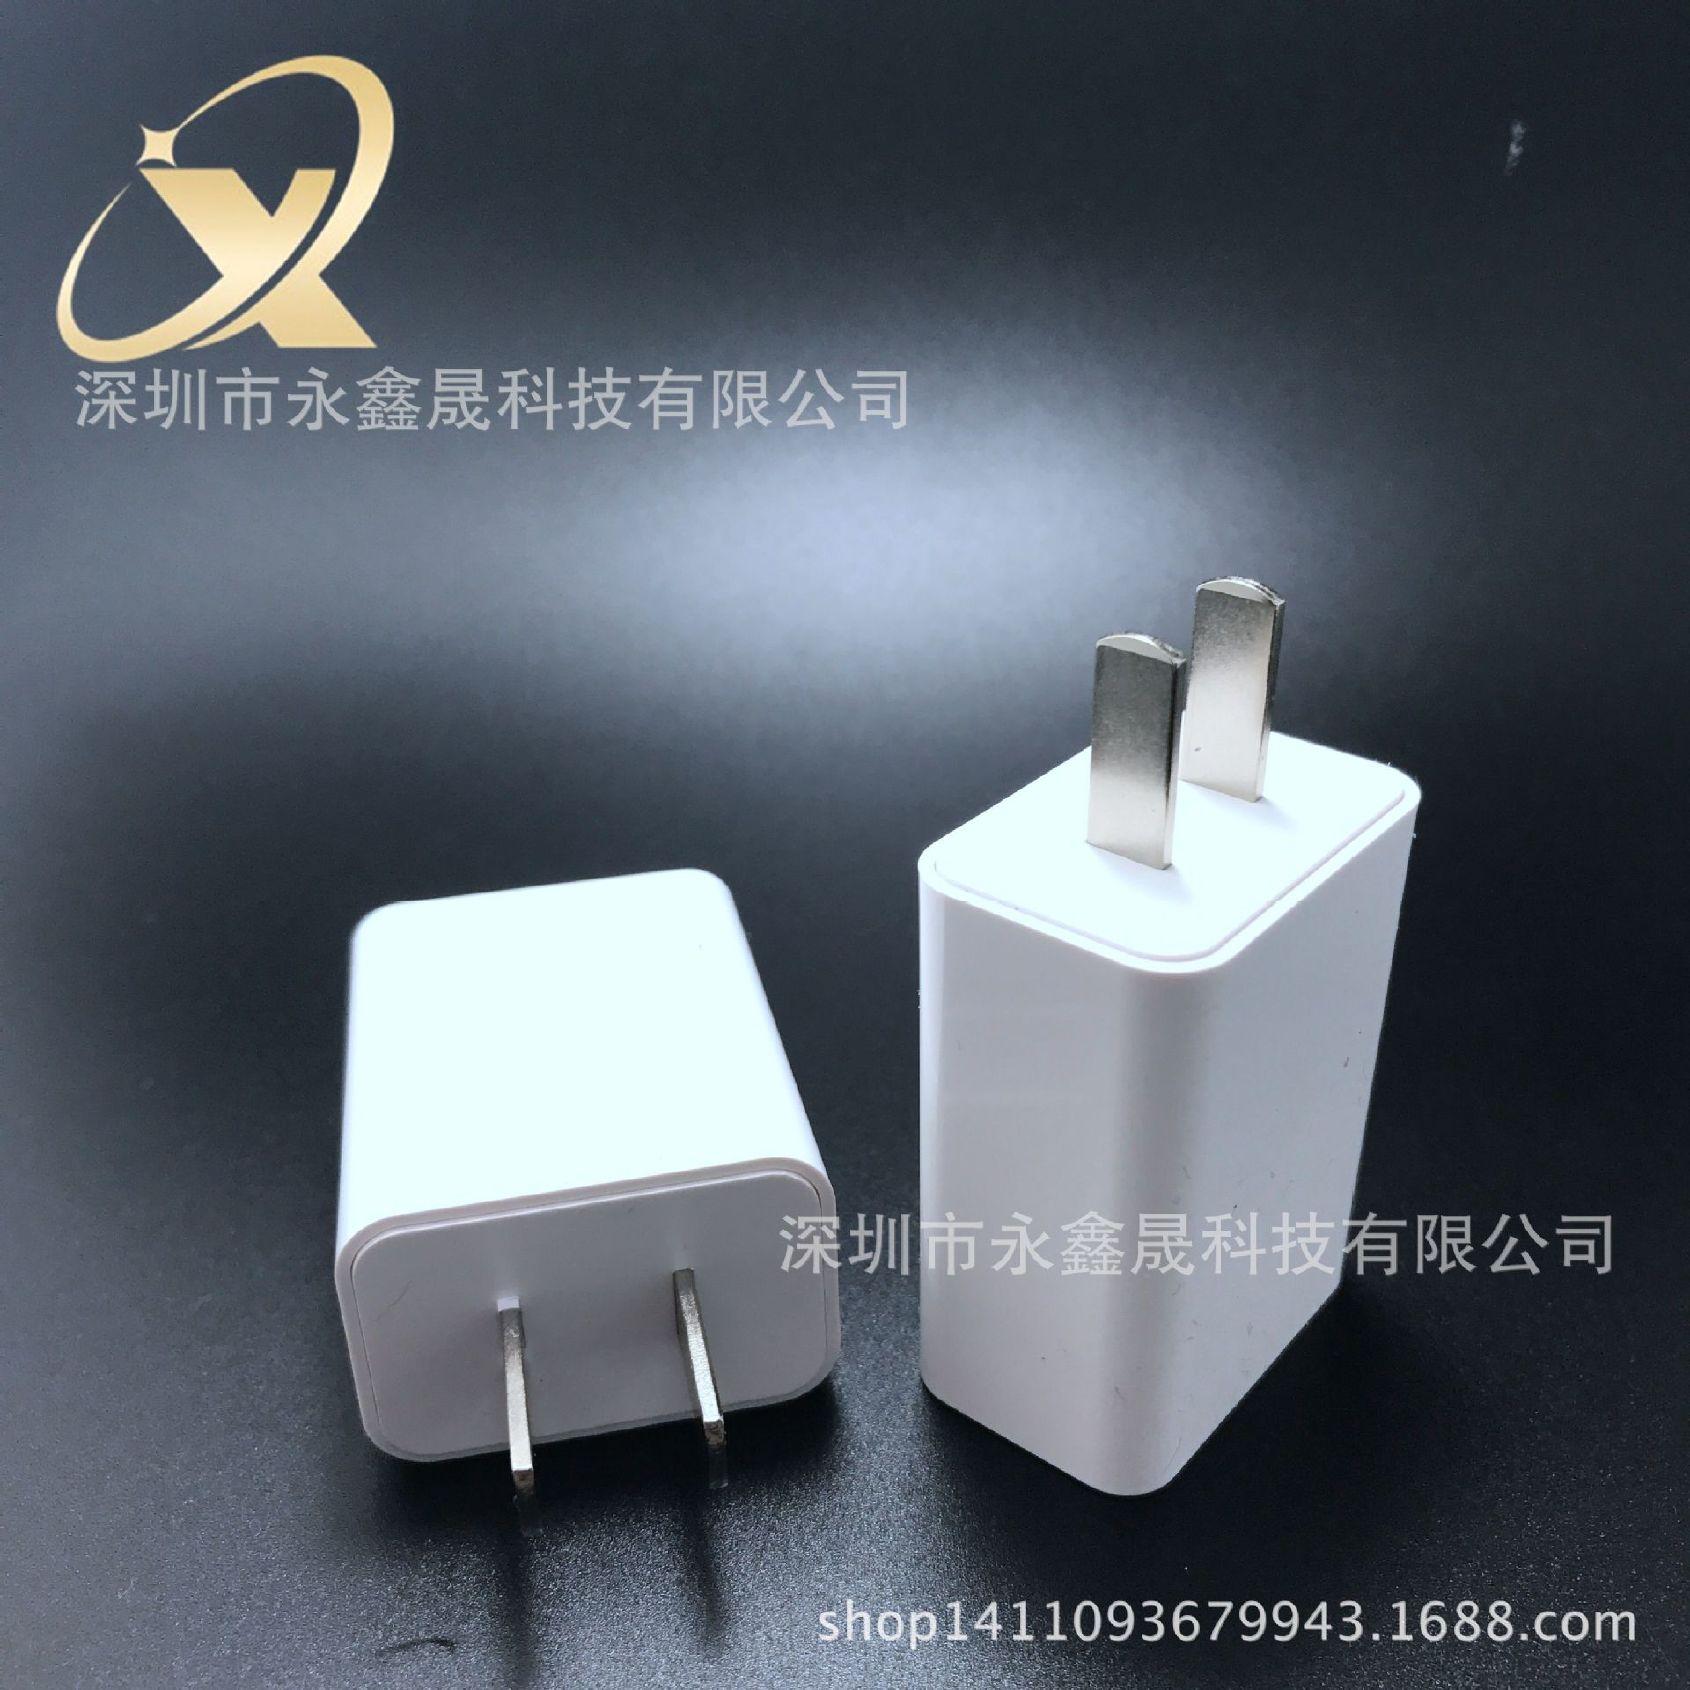 小米同款5v2a手机充电器外壳  电源适配器塑胶塑料usb充电器外壳